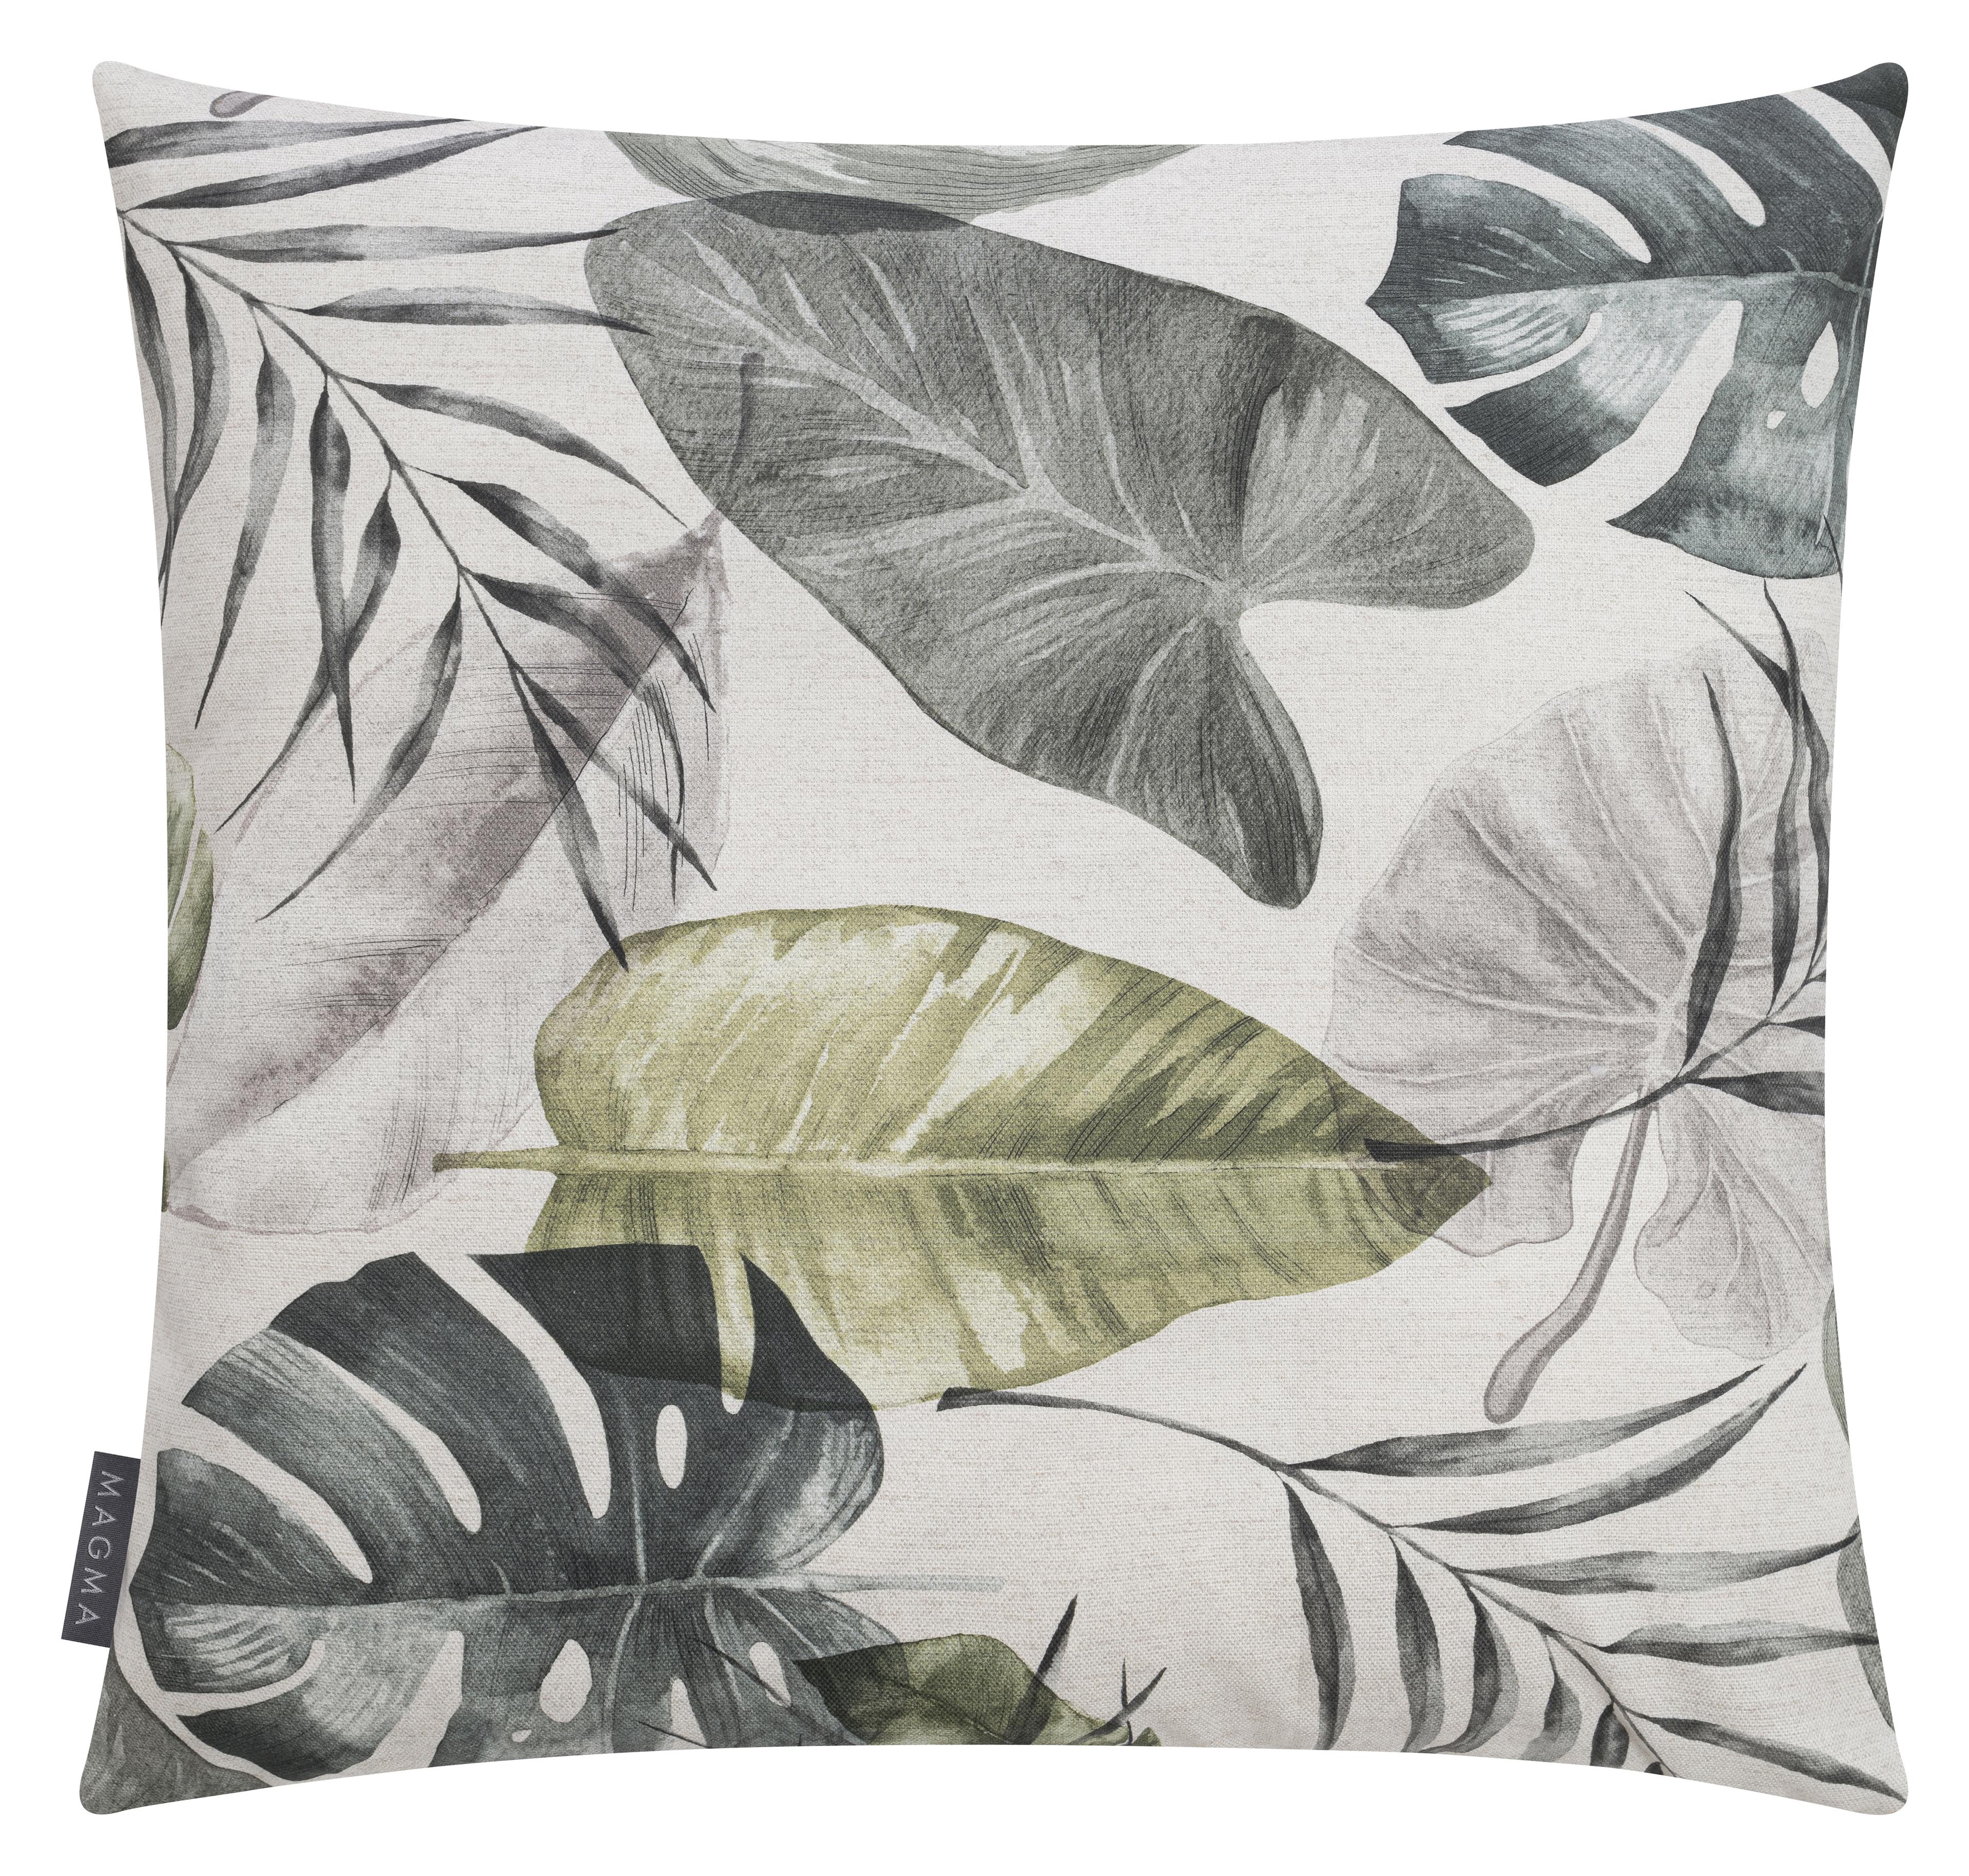 Housse de coussin 50x50 motif végétal vert - Lot de 2